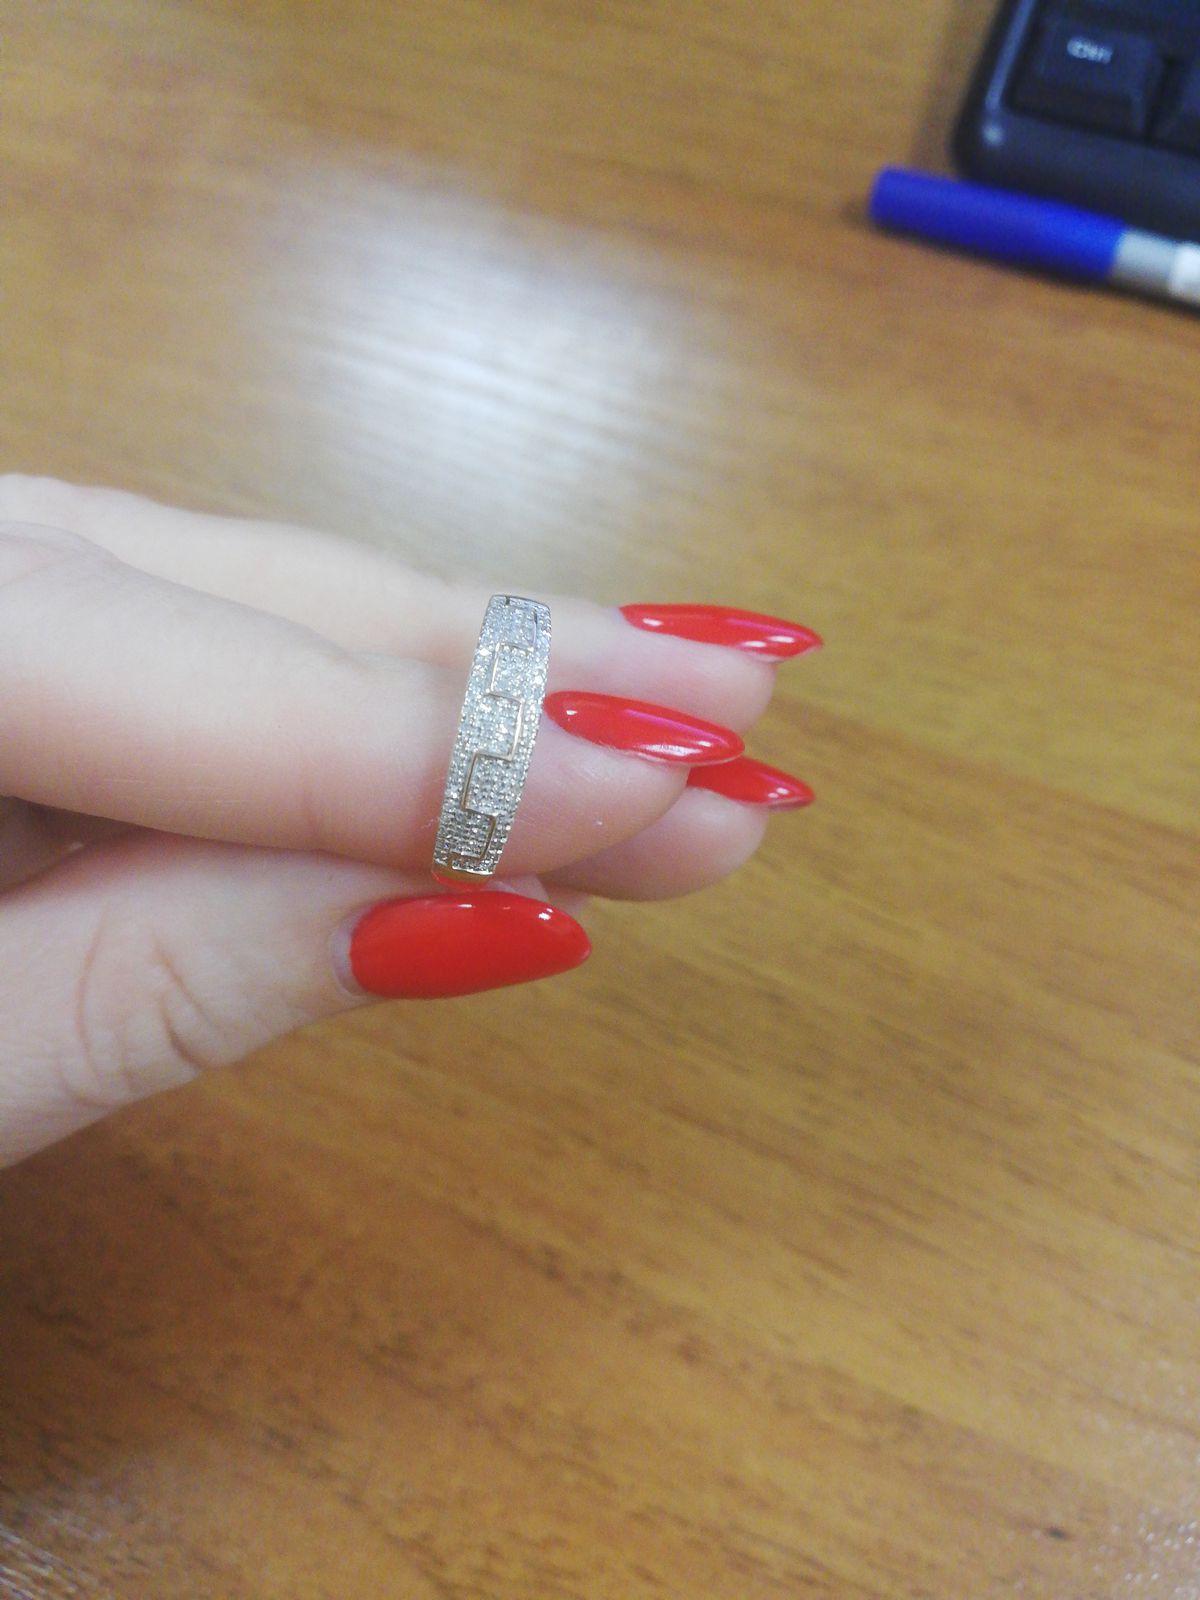 Купила набор серёжки и кольцо, но к сожалению кольцо не соответствует фото.